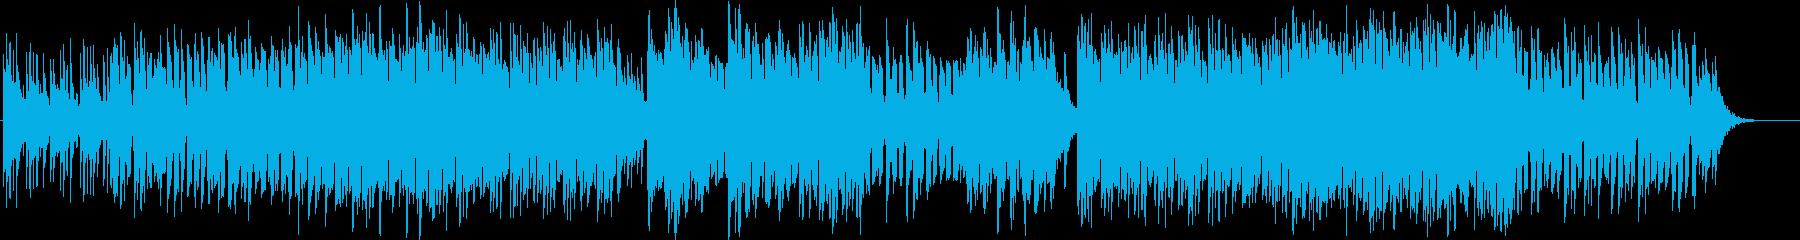 和風な雰囲気のリズミックなBGMの再生済みの波形